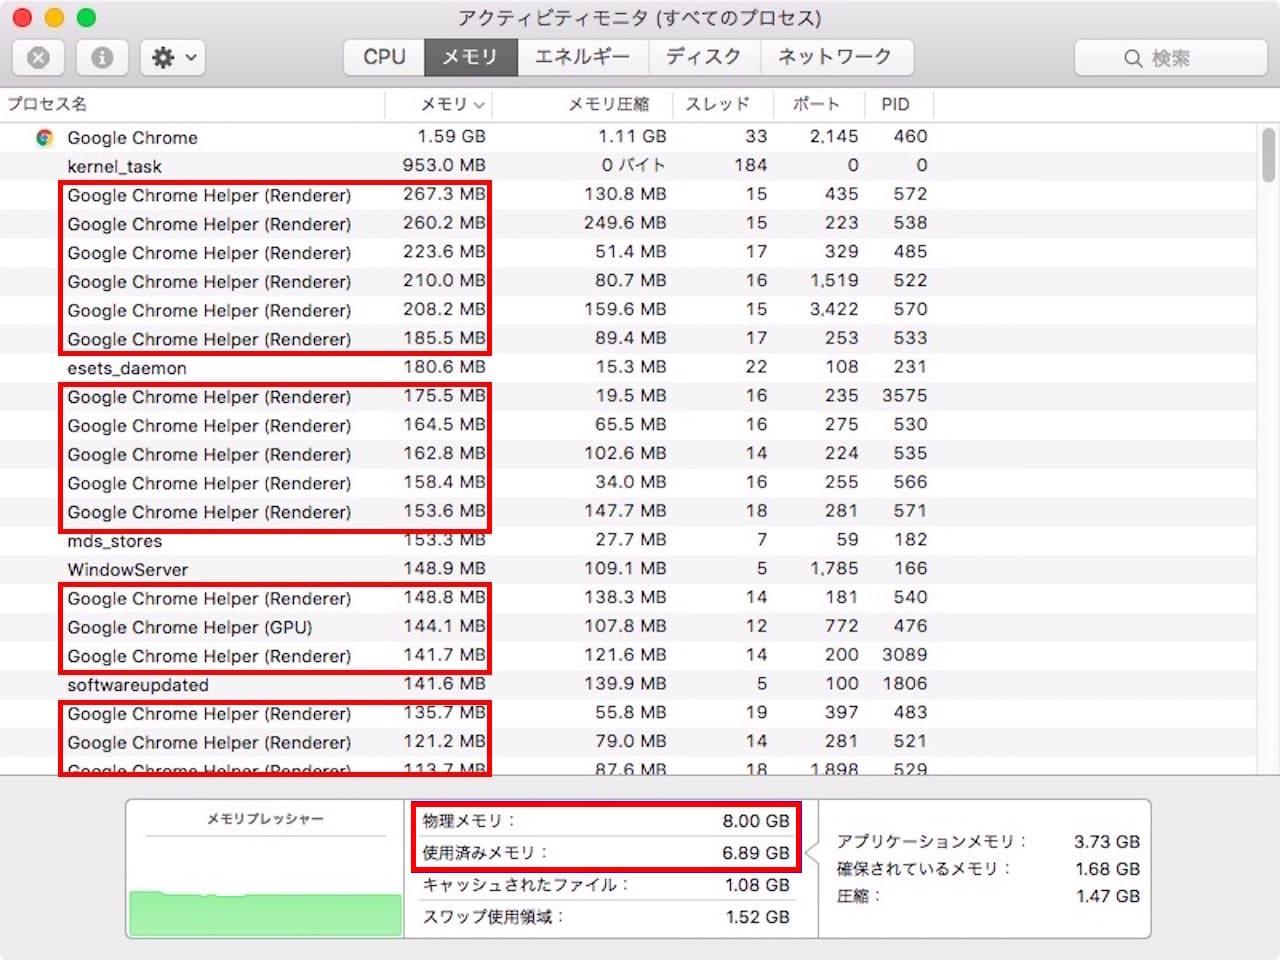 アクティビティモニタに表示されているGoogle Chrome Helper (Renderer)